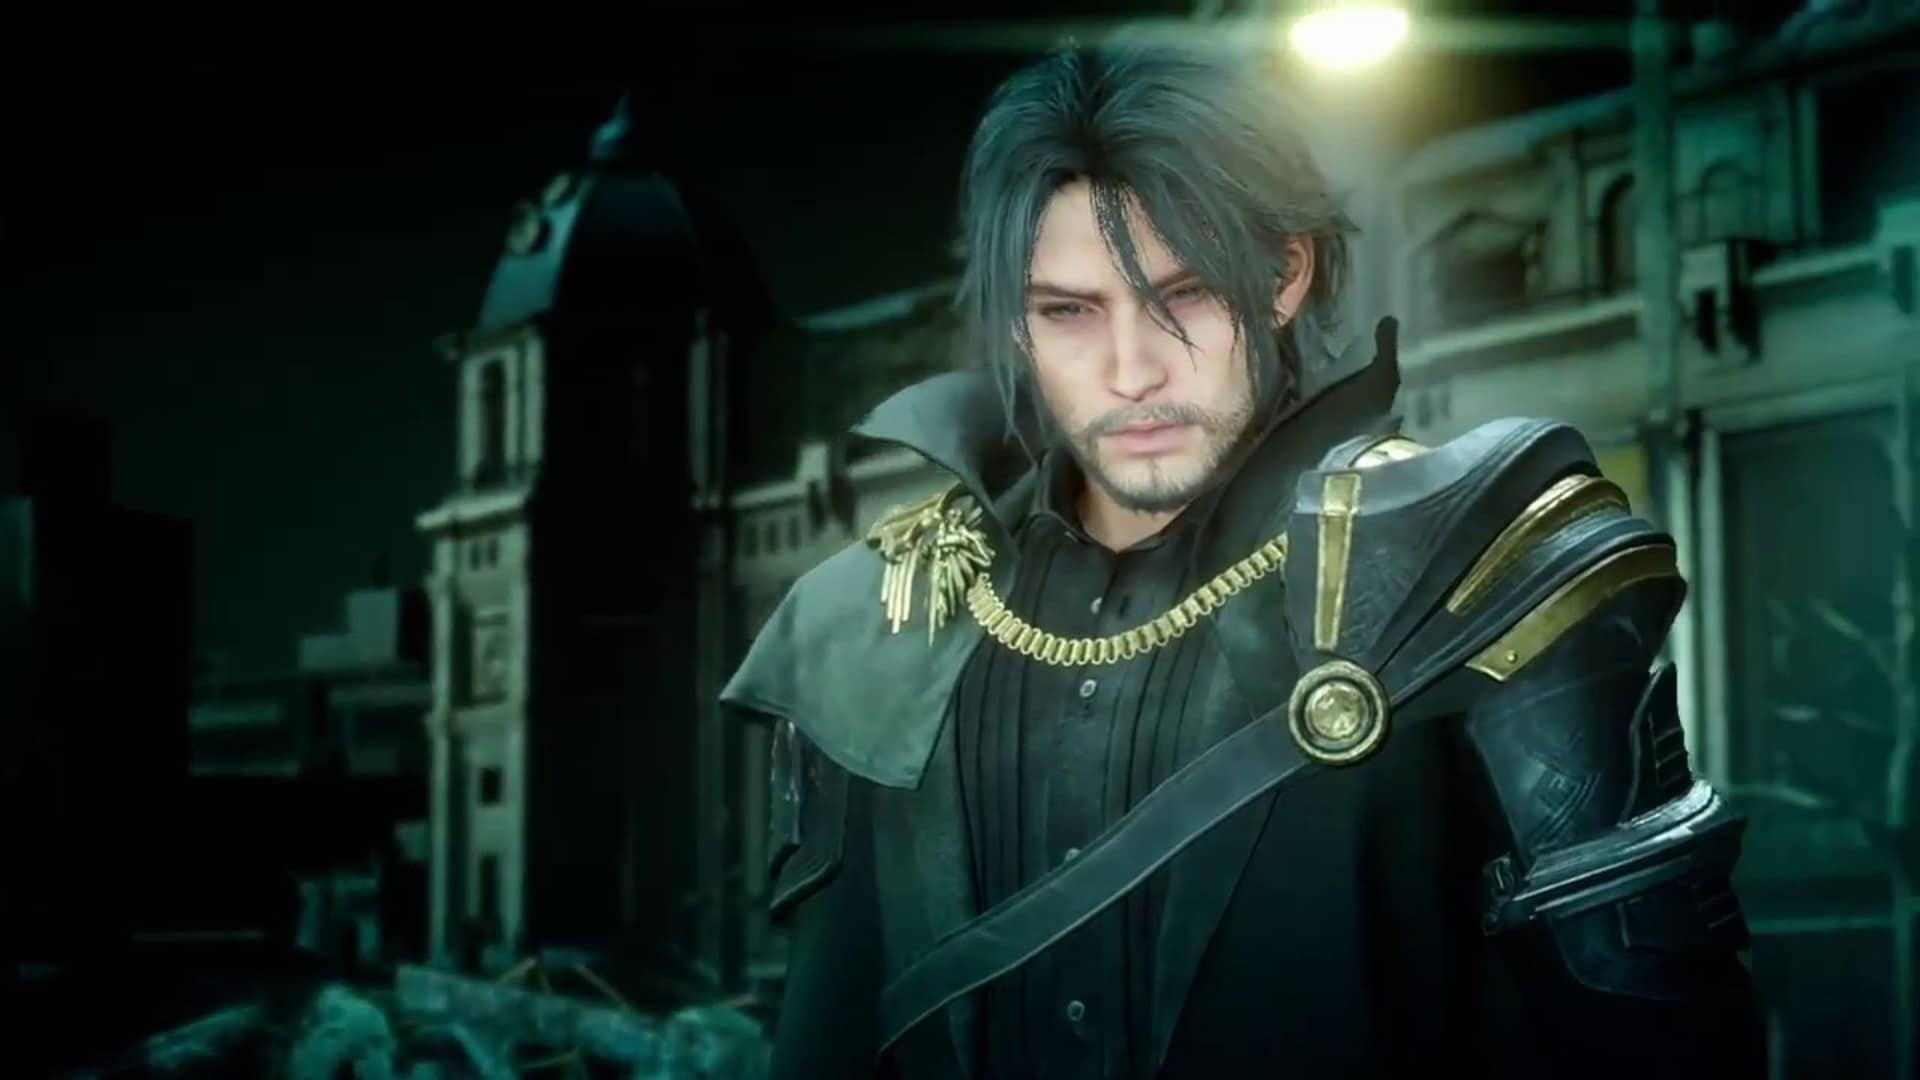 Wallpaper Final Fantasy Xv Royal Edition 2018 Games 12556: Final Fantasy XV: Royal Edition Is The Definitive Edition